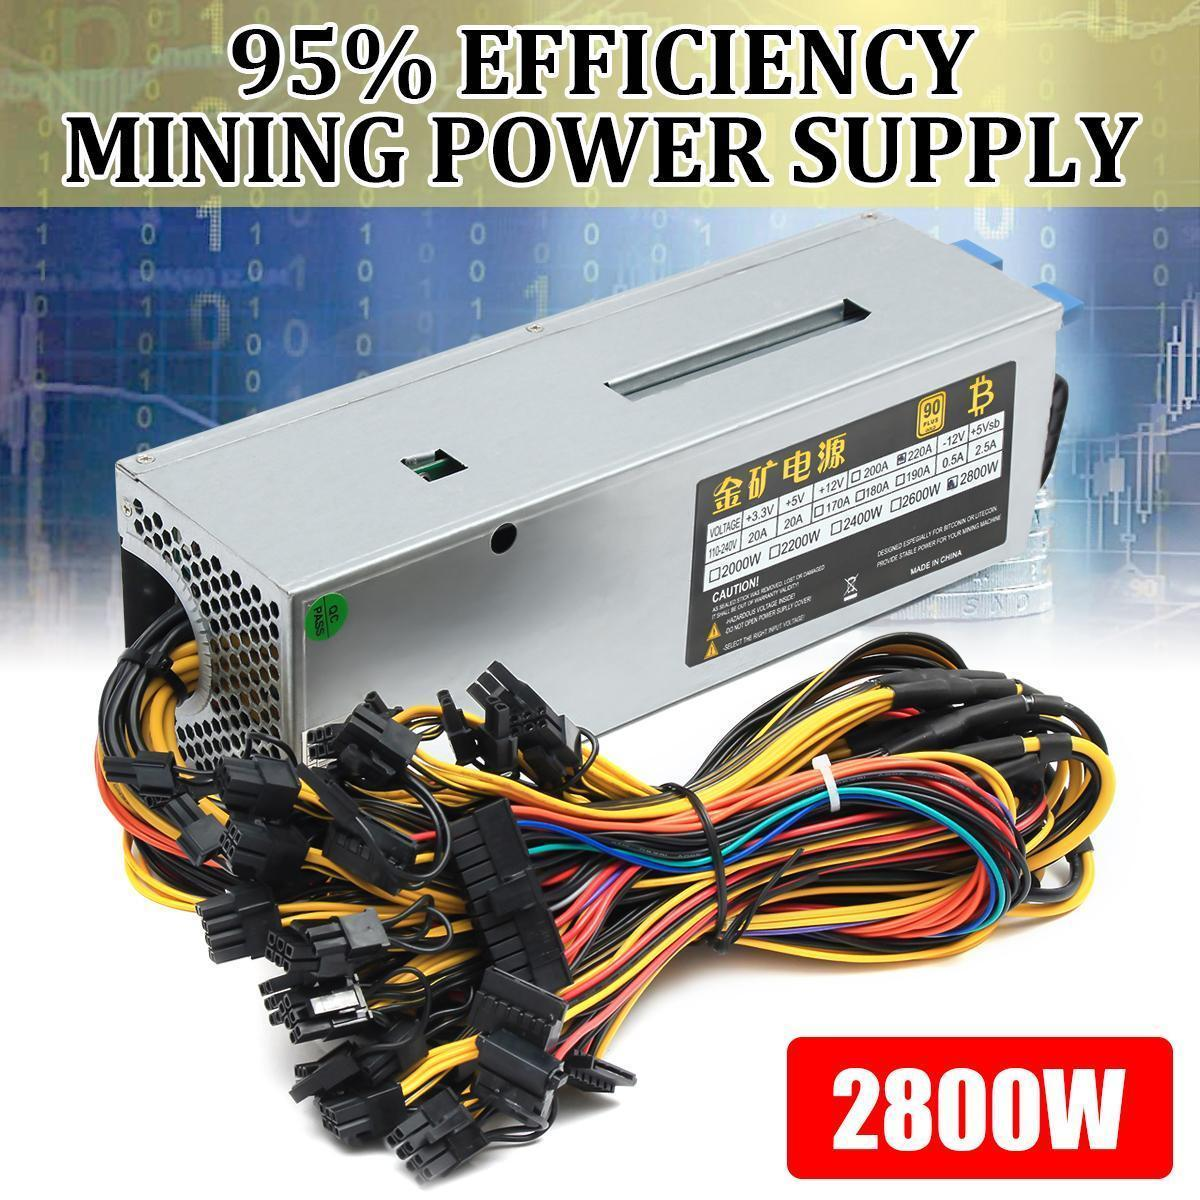 【Free Shipping + Flash Deal】2800W 12GPU Mining Power Supply F/ Eth Rig  Ethereum BTC Miner Dedicated 90 PLUS